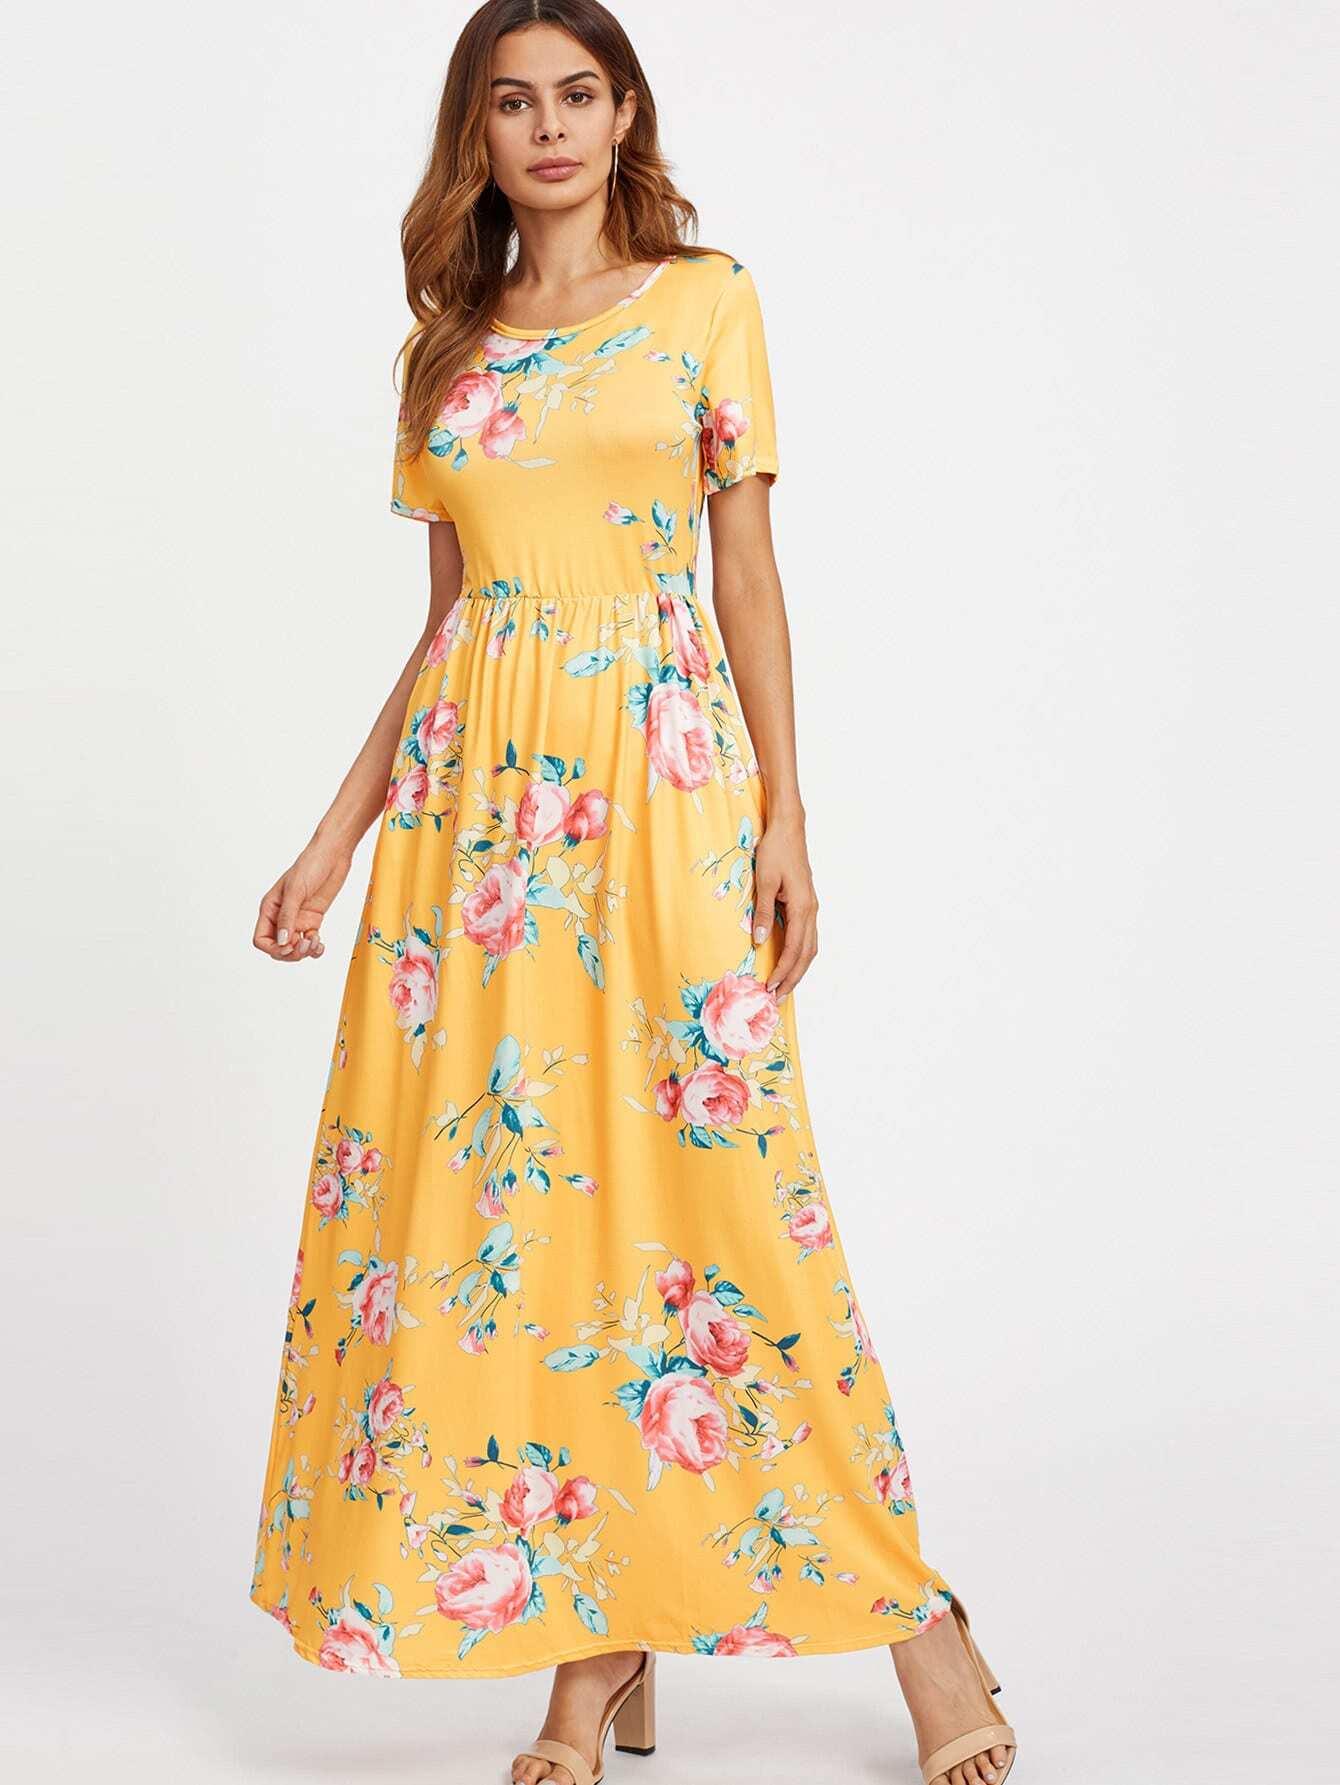 All Over Florals Full Length Dress all over florals m slit dress